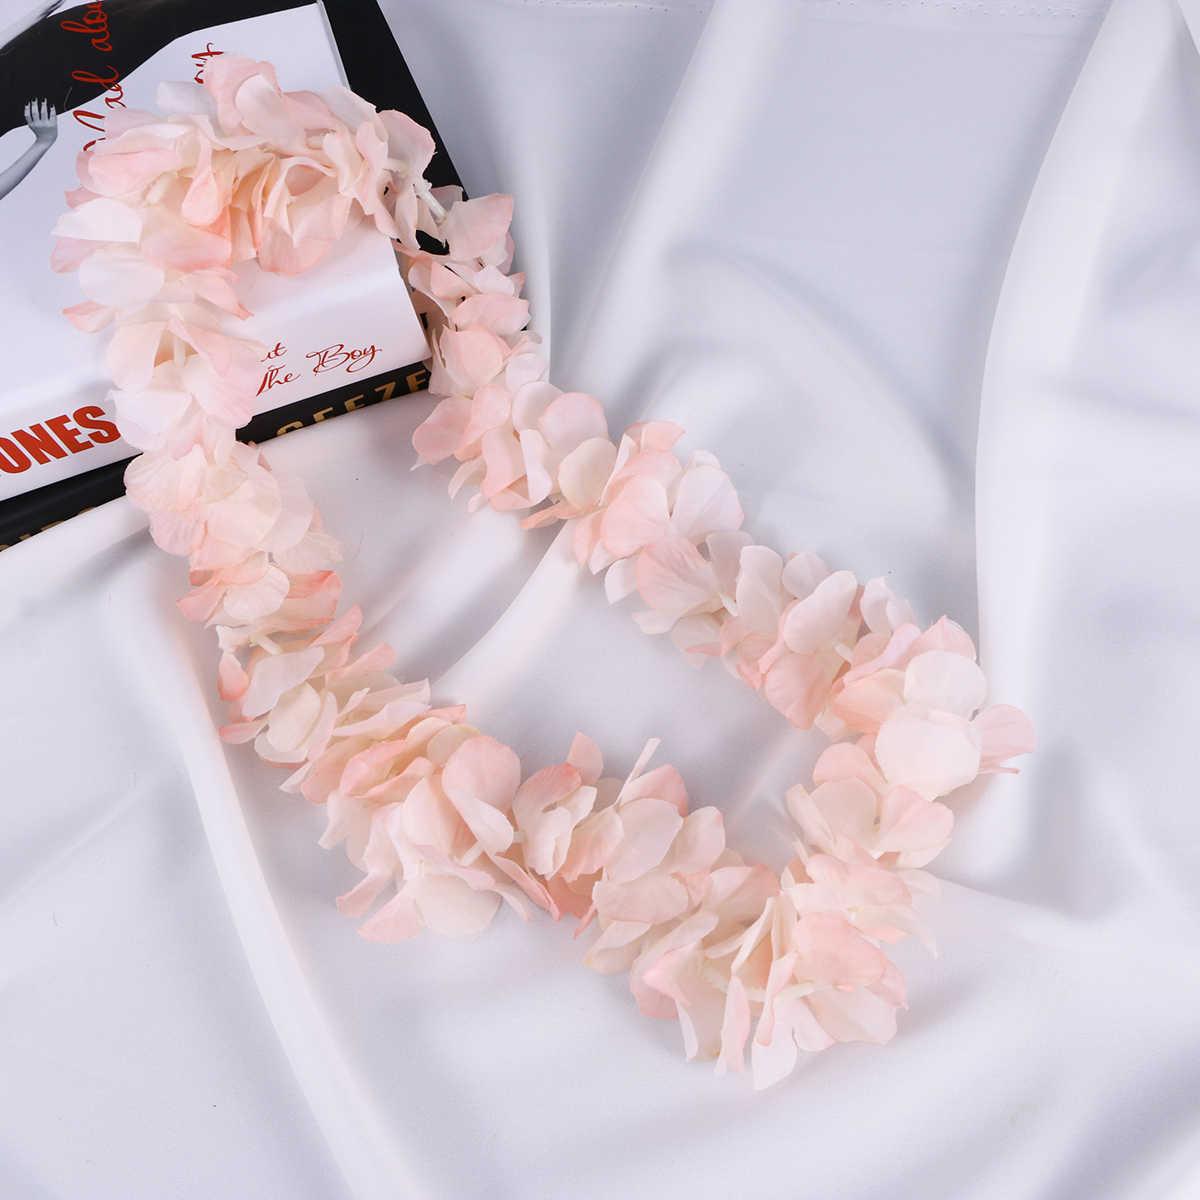 1 м искусственные растения с цветами гирлянды дом гостиница офис Свадьба День рождения Гавайи вечерние Сад Craft искусства украшения